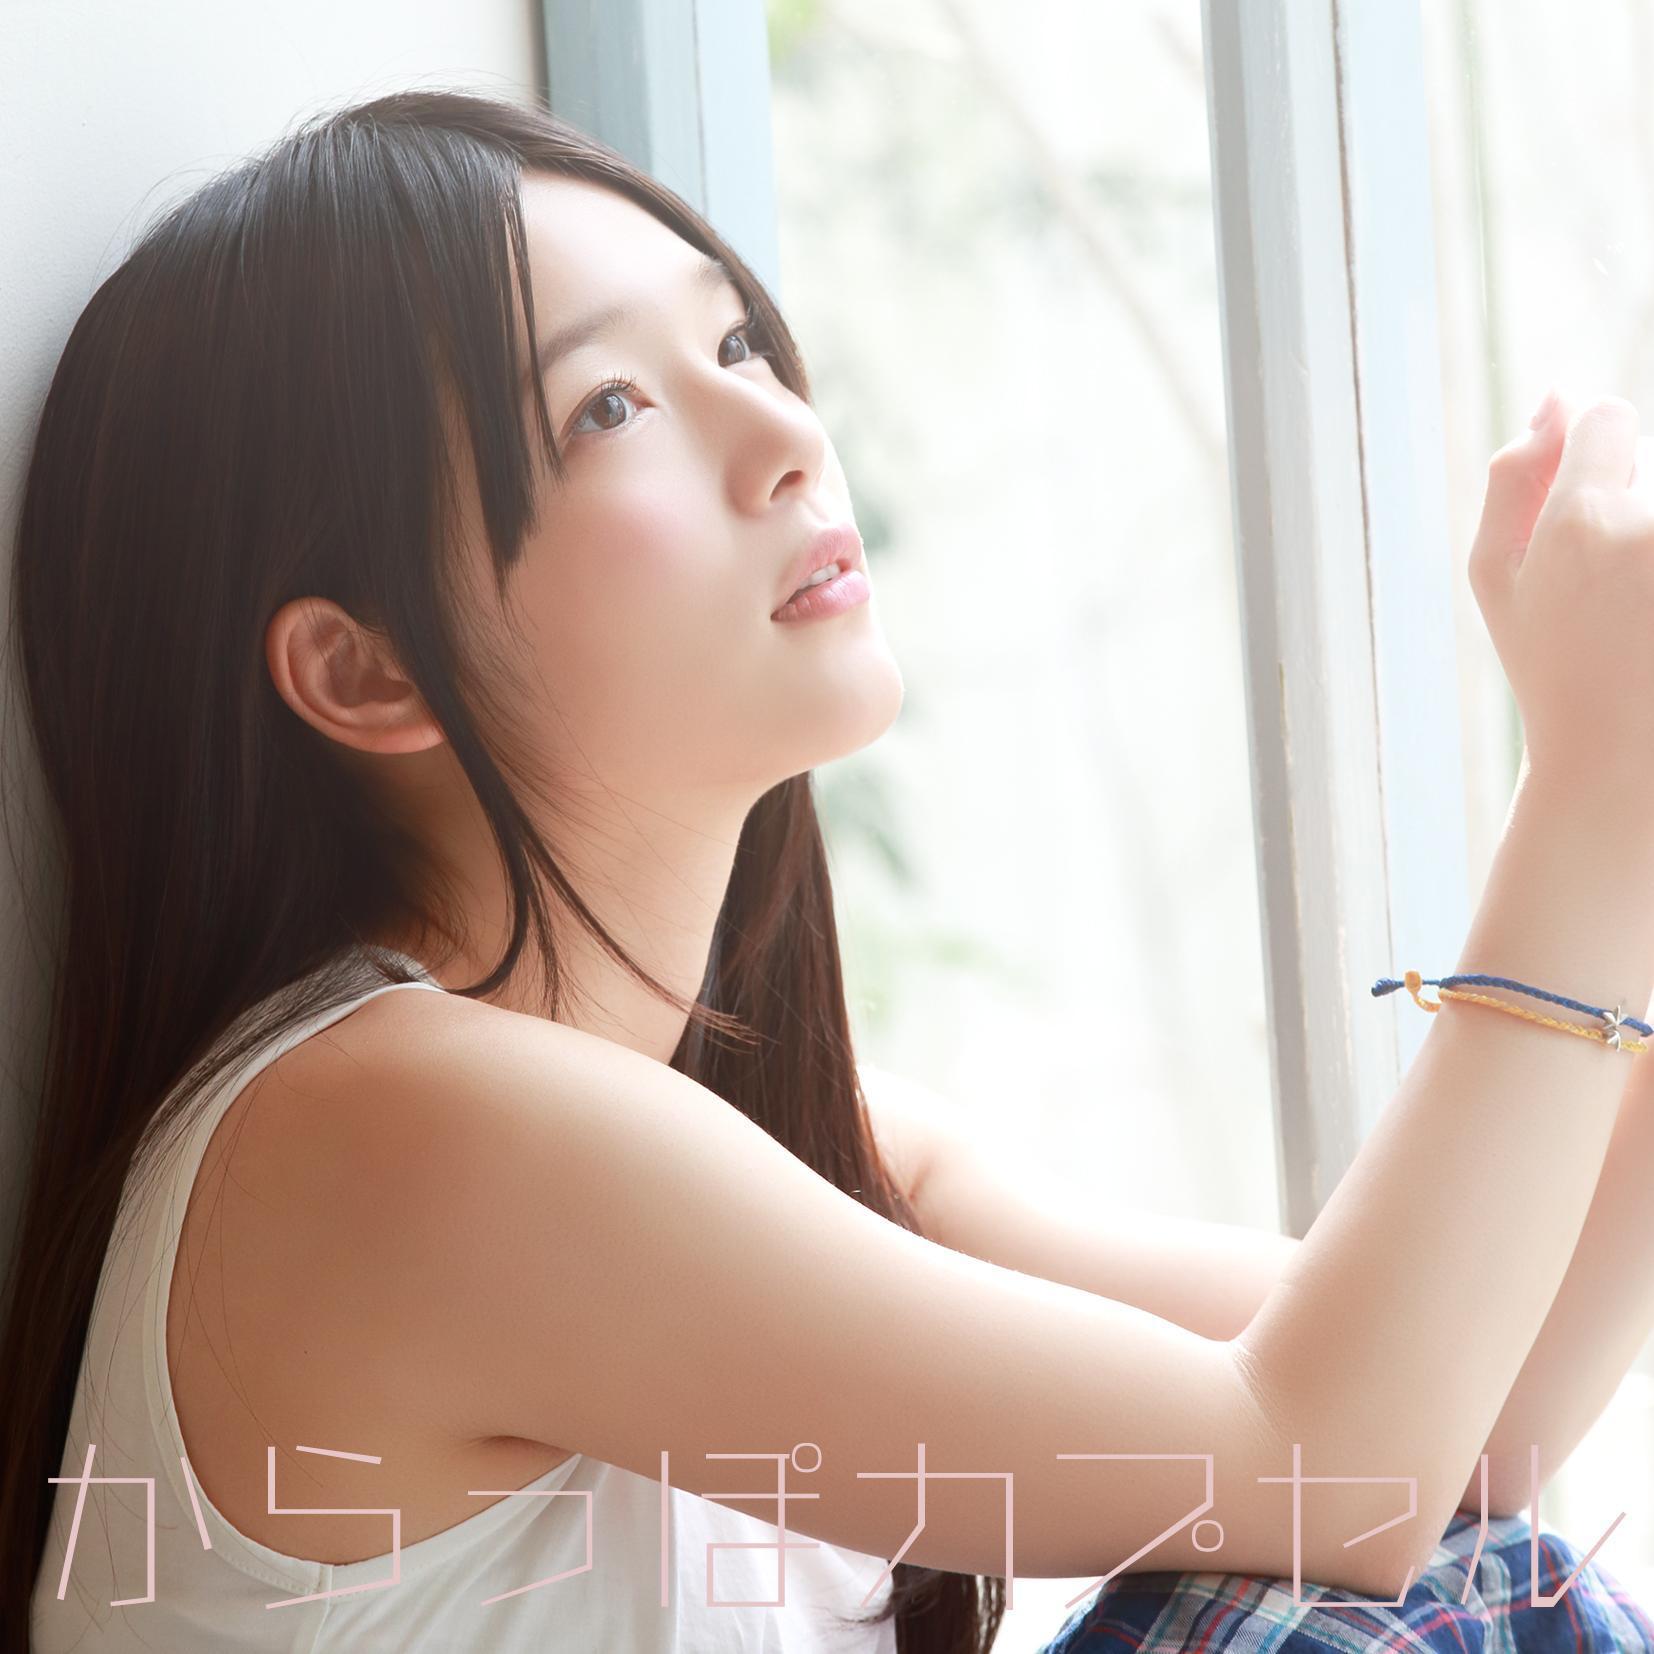 【人気声優】内田真礼の写真集が話題!水着も披露しています!のサムネイル画像